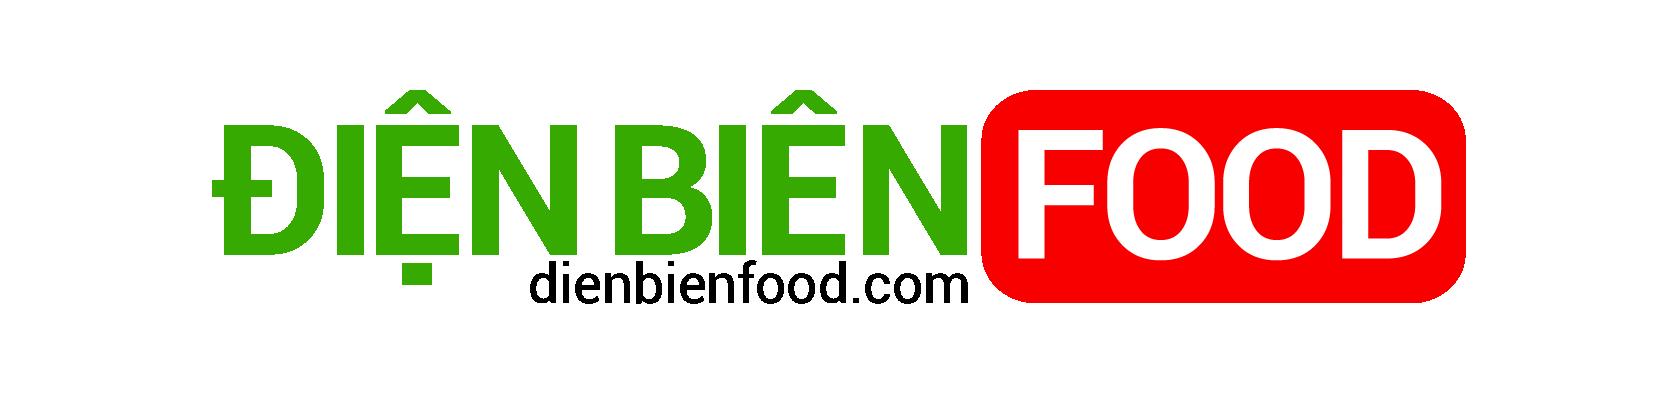 logo-dienbienfood-new-01